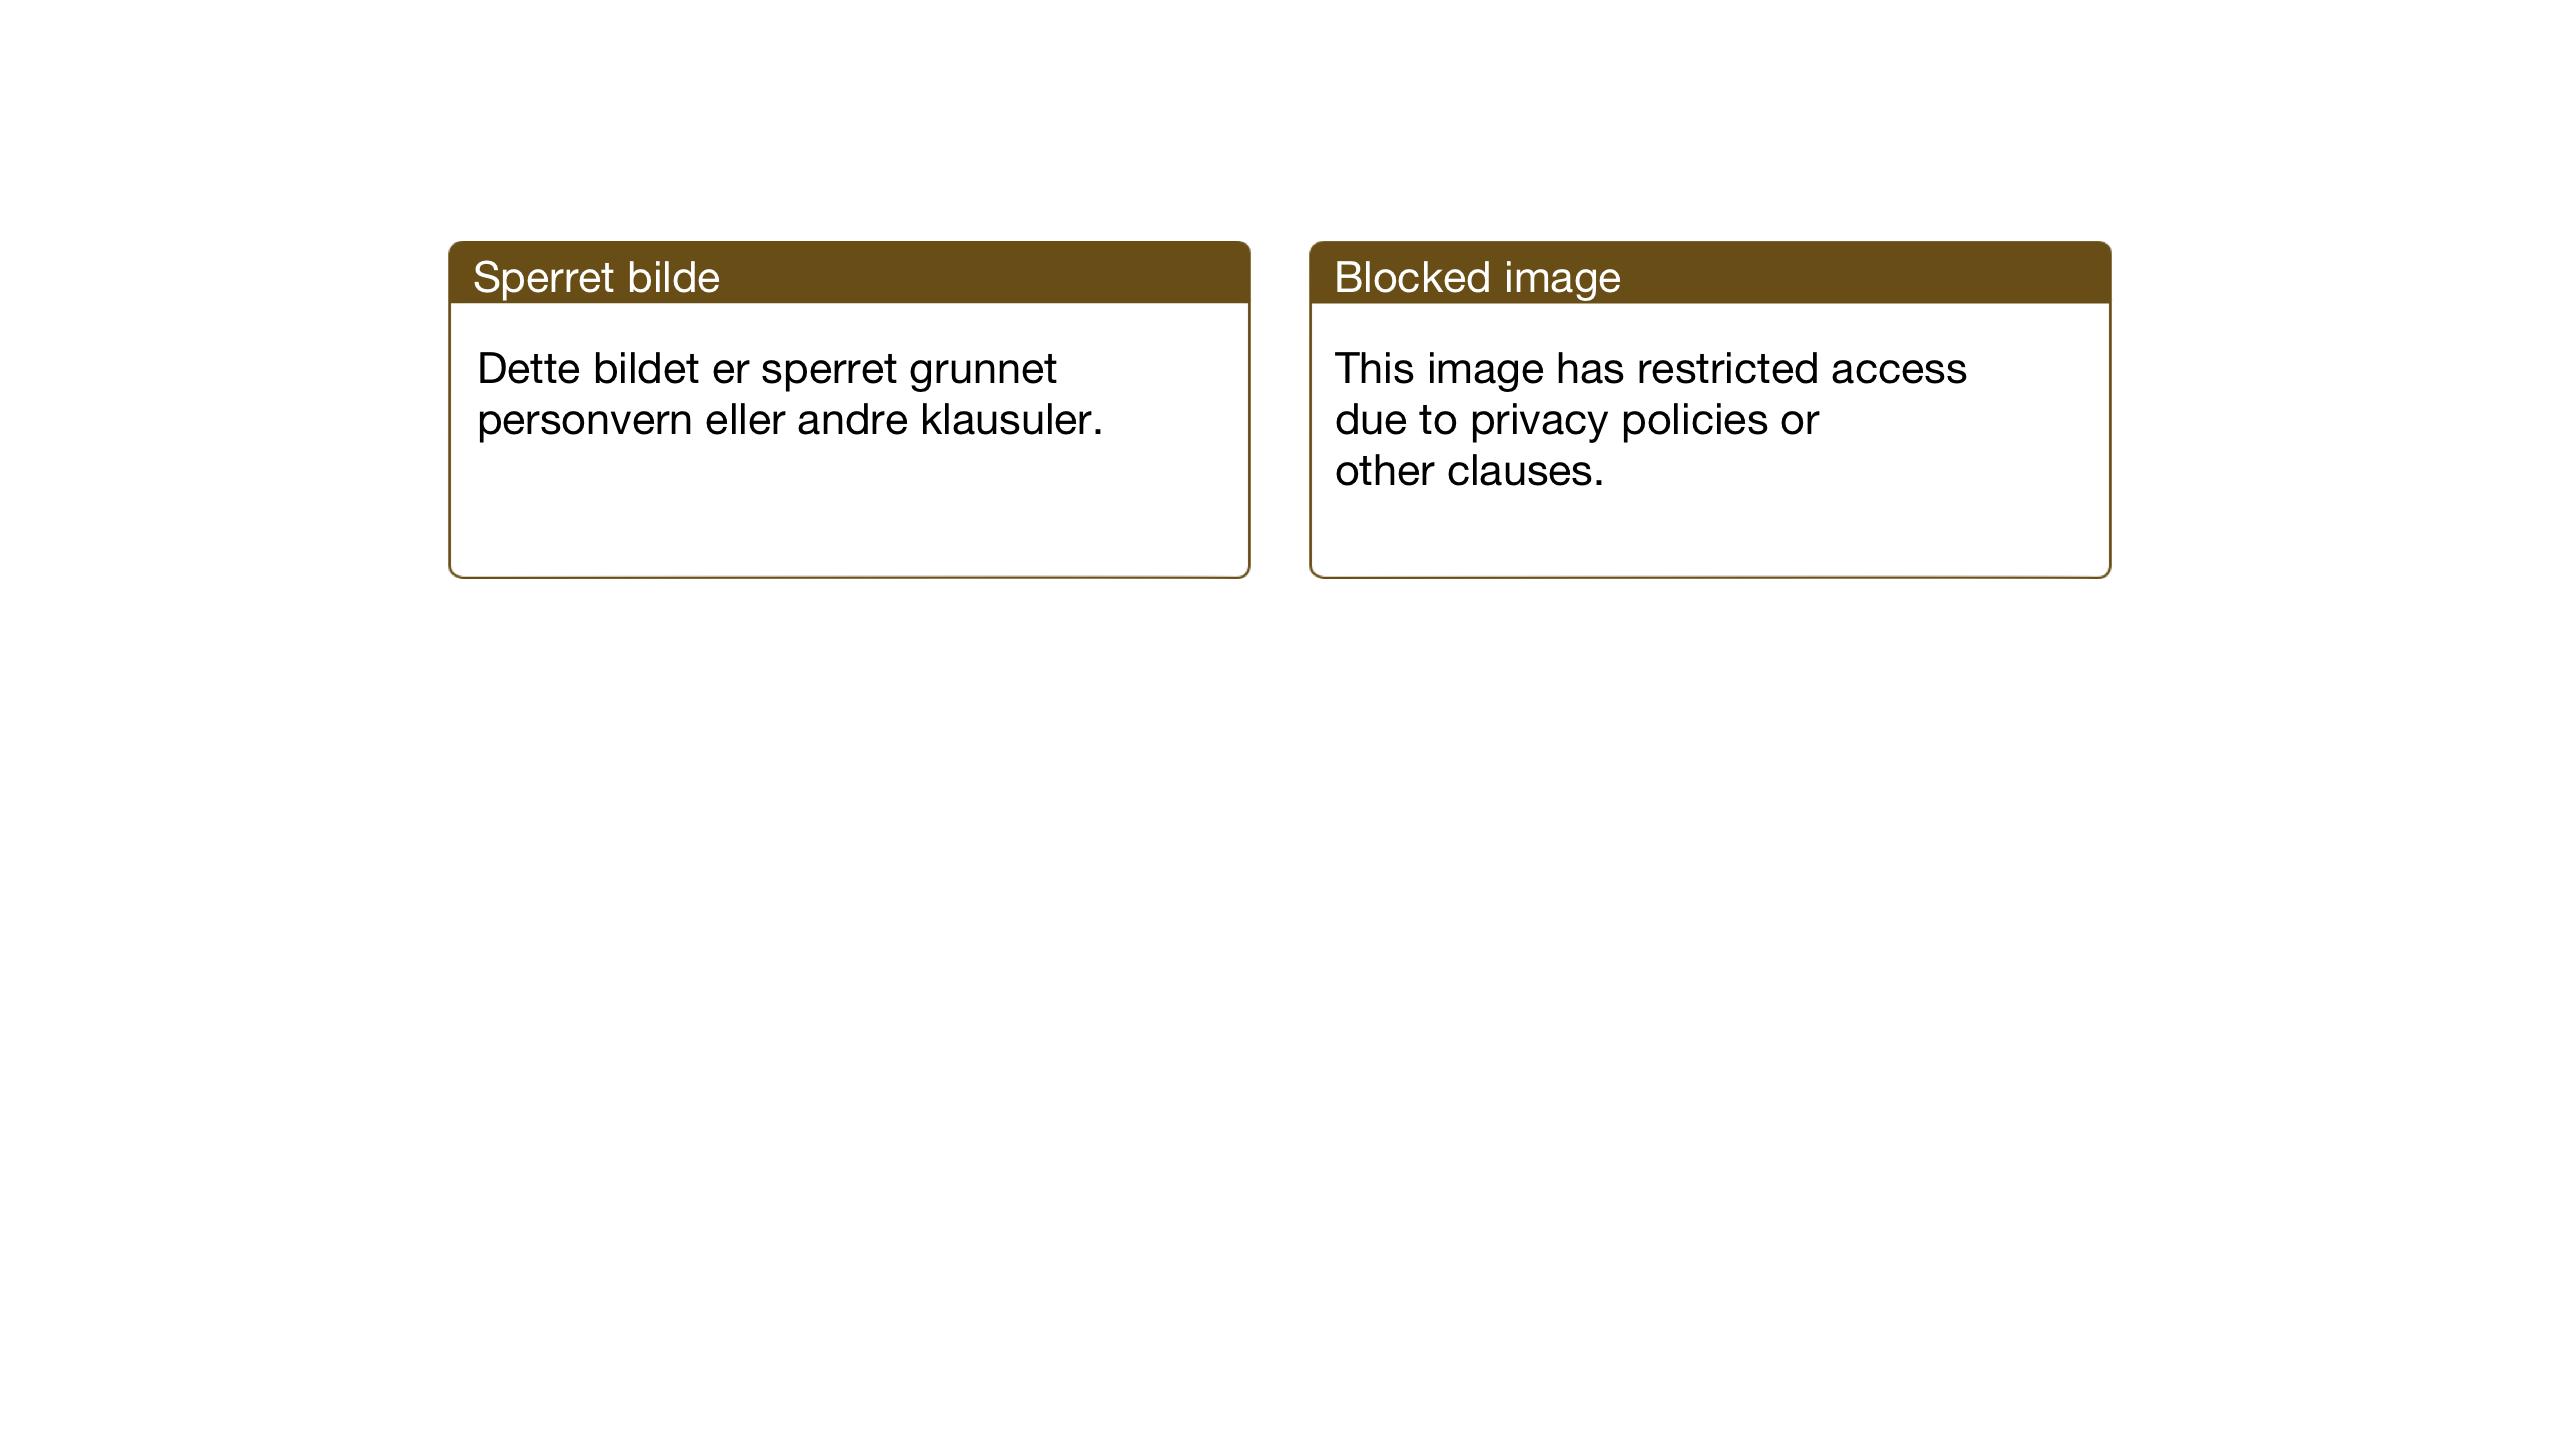 SAT, Ministerialprotokoller, klokkerbøker og fødselsregistre - Sør-Trøndelag, 667/L0799: Klokkerbok nr. 667C04, 1929-1950, s. 59